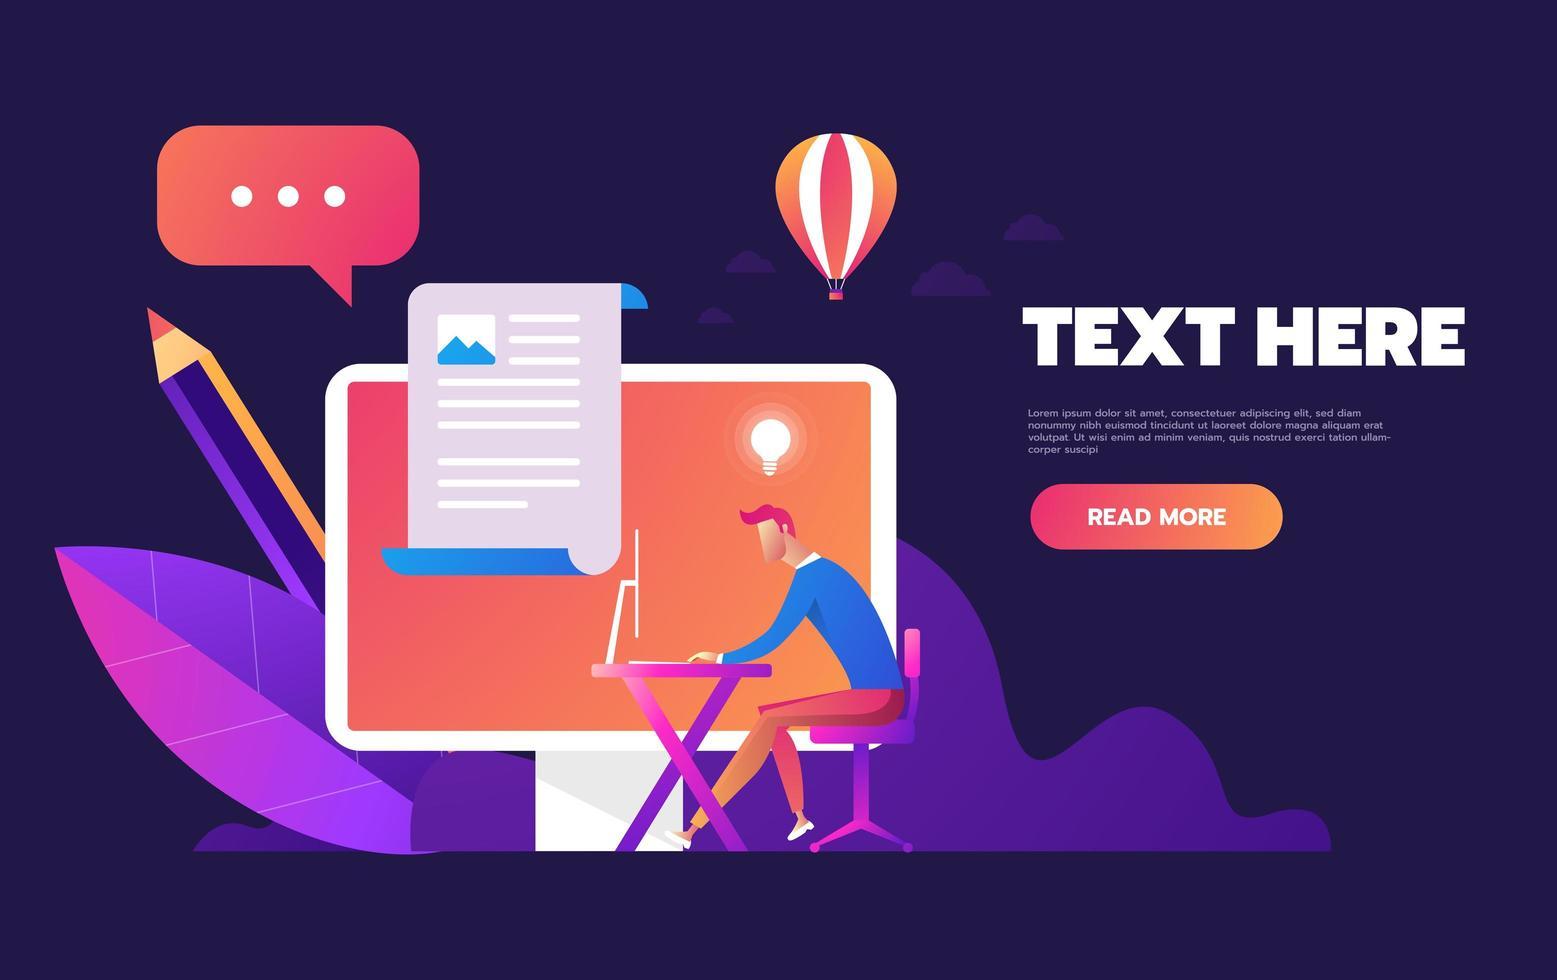 página de login no conceito de tela do celular vetor